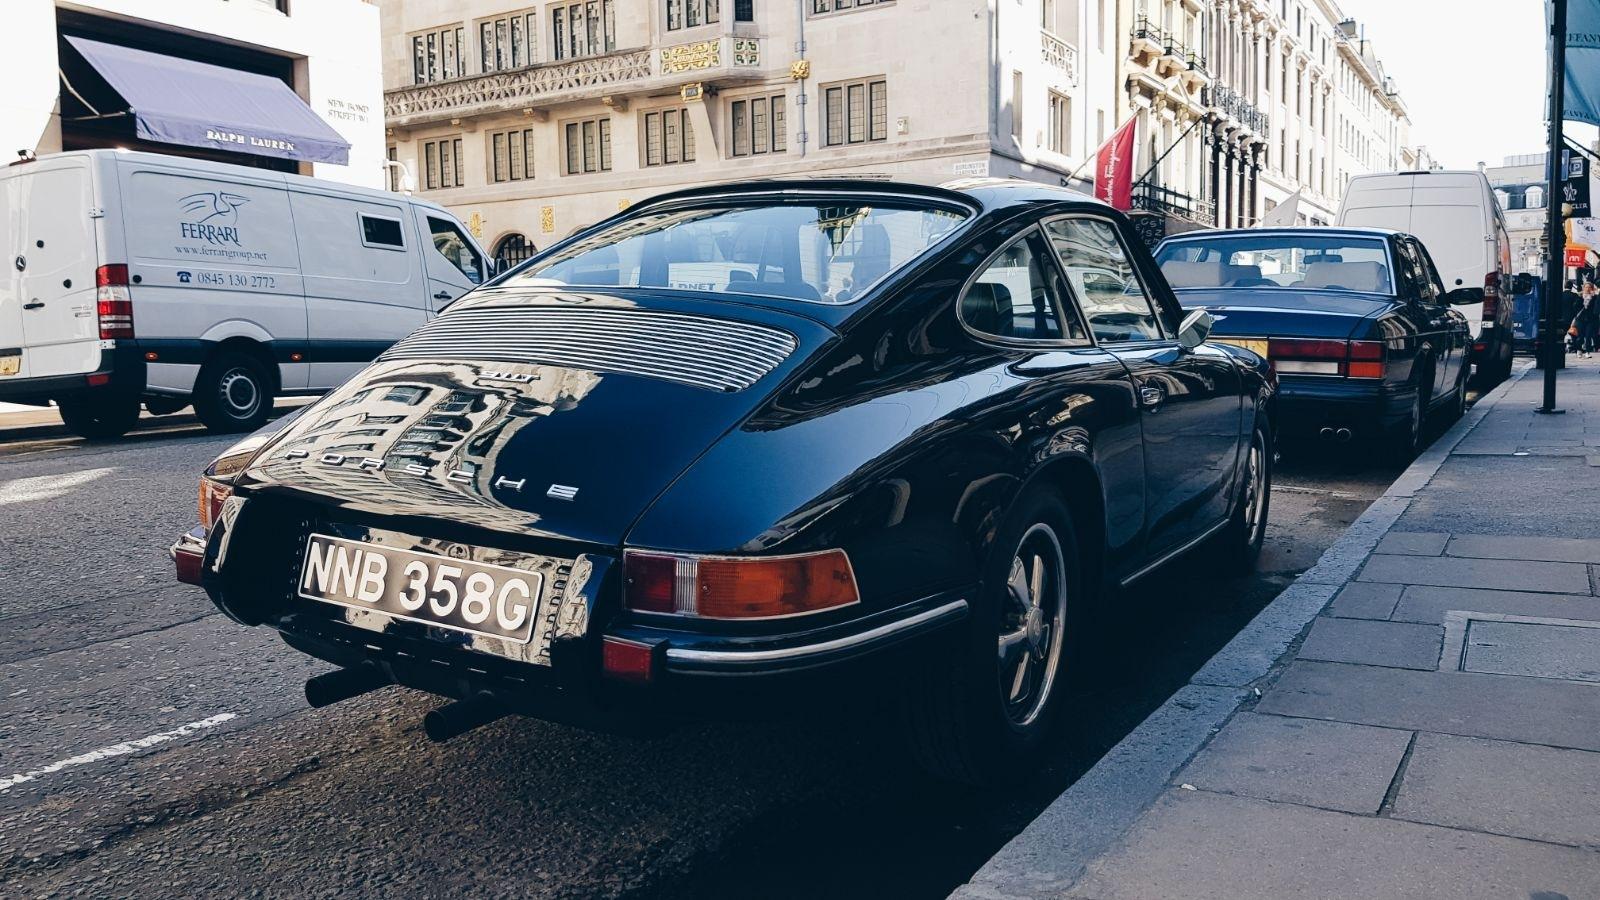 Porsche london by Sam